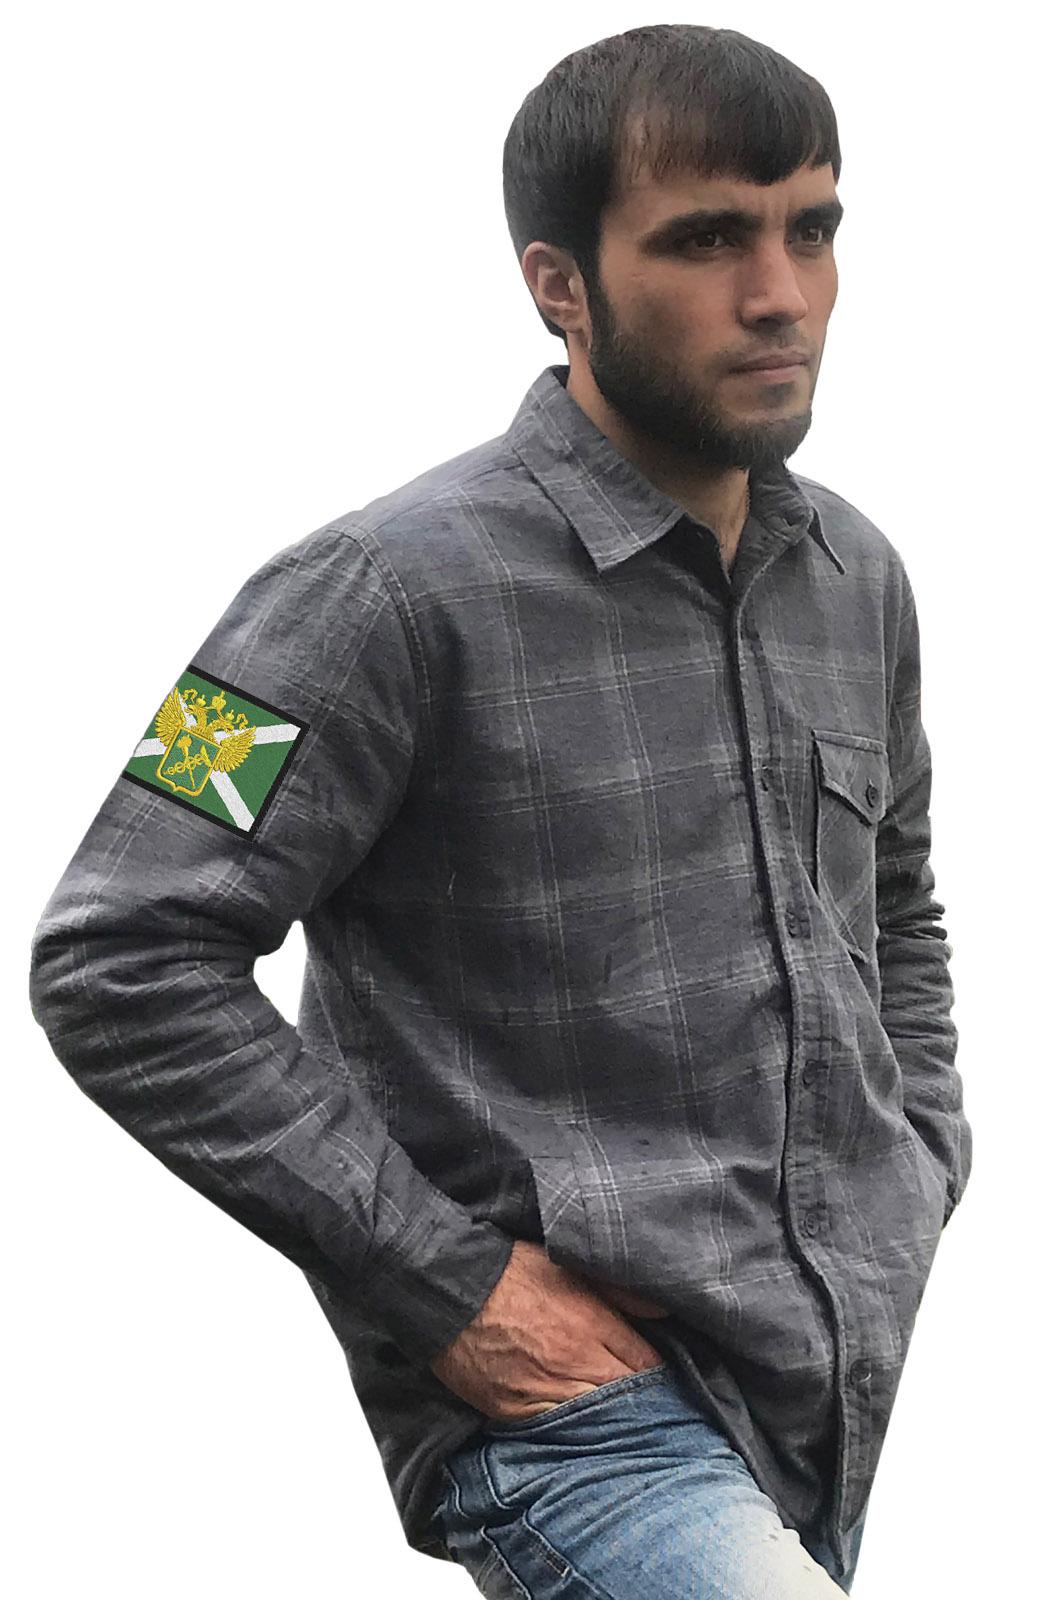 Мужская теплая рубашка с вышитым шевроном Таможни России